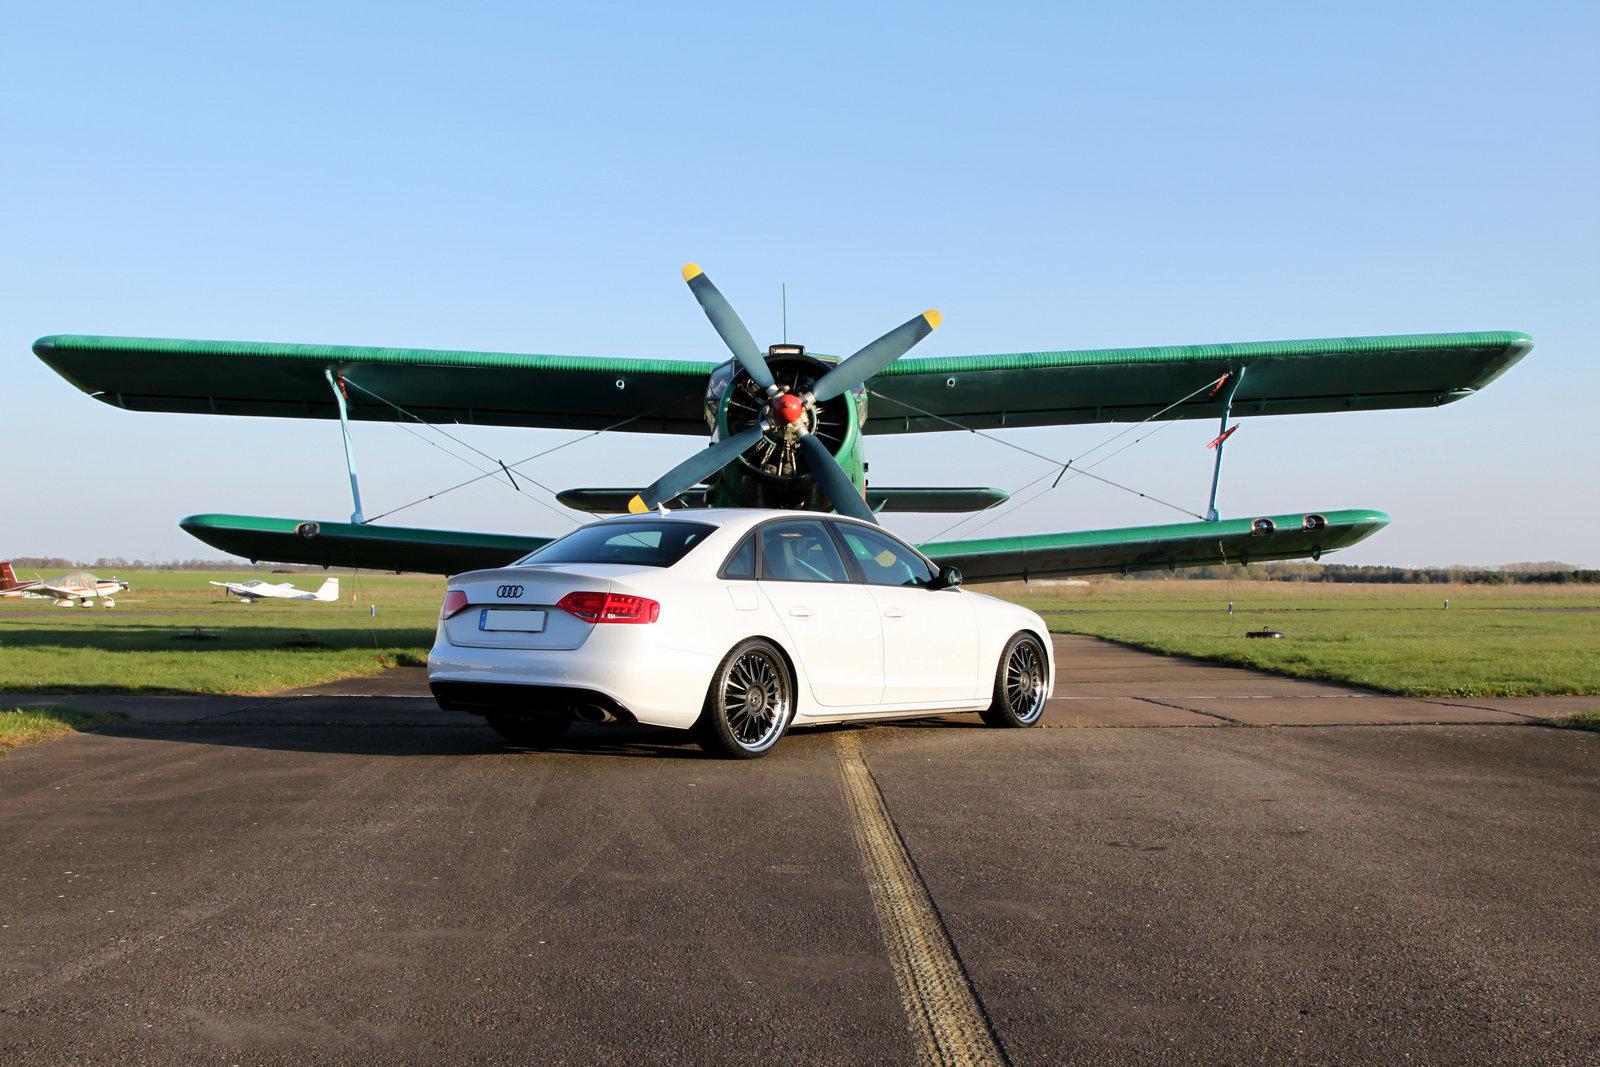 http://4.bp.blogspot.com/_FoXyvaPSnVk/S_LEb-8w8TI/AAAAAAAC3Jw/XTAd1f7cpn4/s1600/Audi-S4-Avus-1.JPG